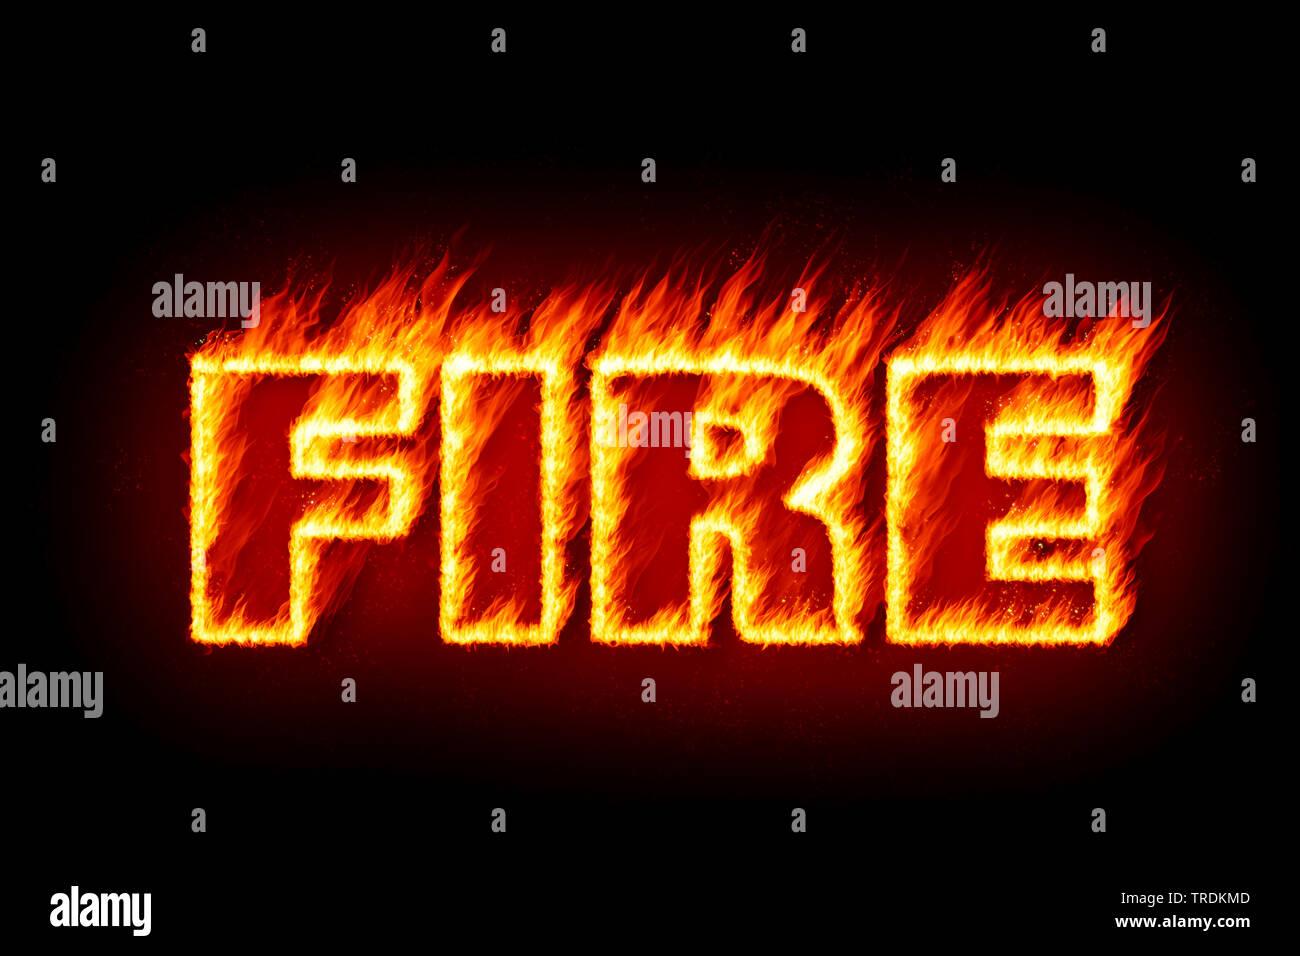 3D-Computergrafik, Darstellung des Wortes (FEU Feuer und Flamme) aus schwarzem Hintergrund brennenden Buchstaben vor | 3D computer graphic, illustrat Photo Stock